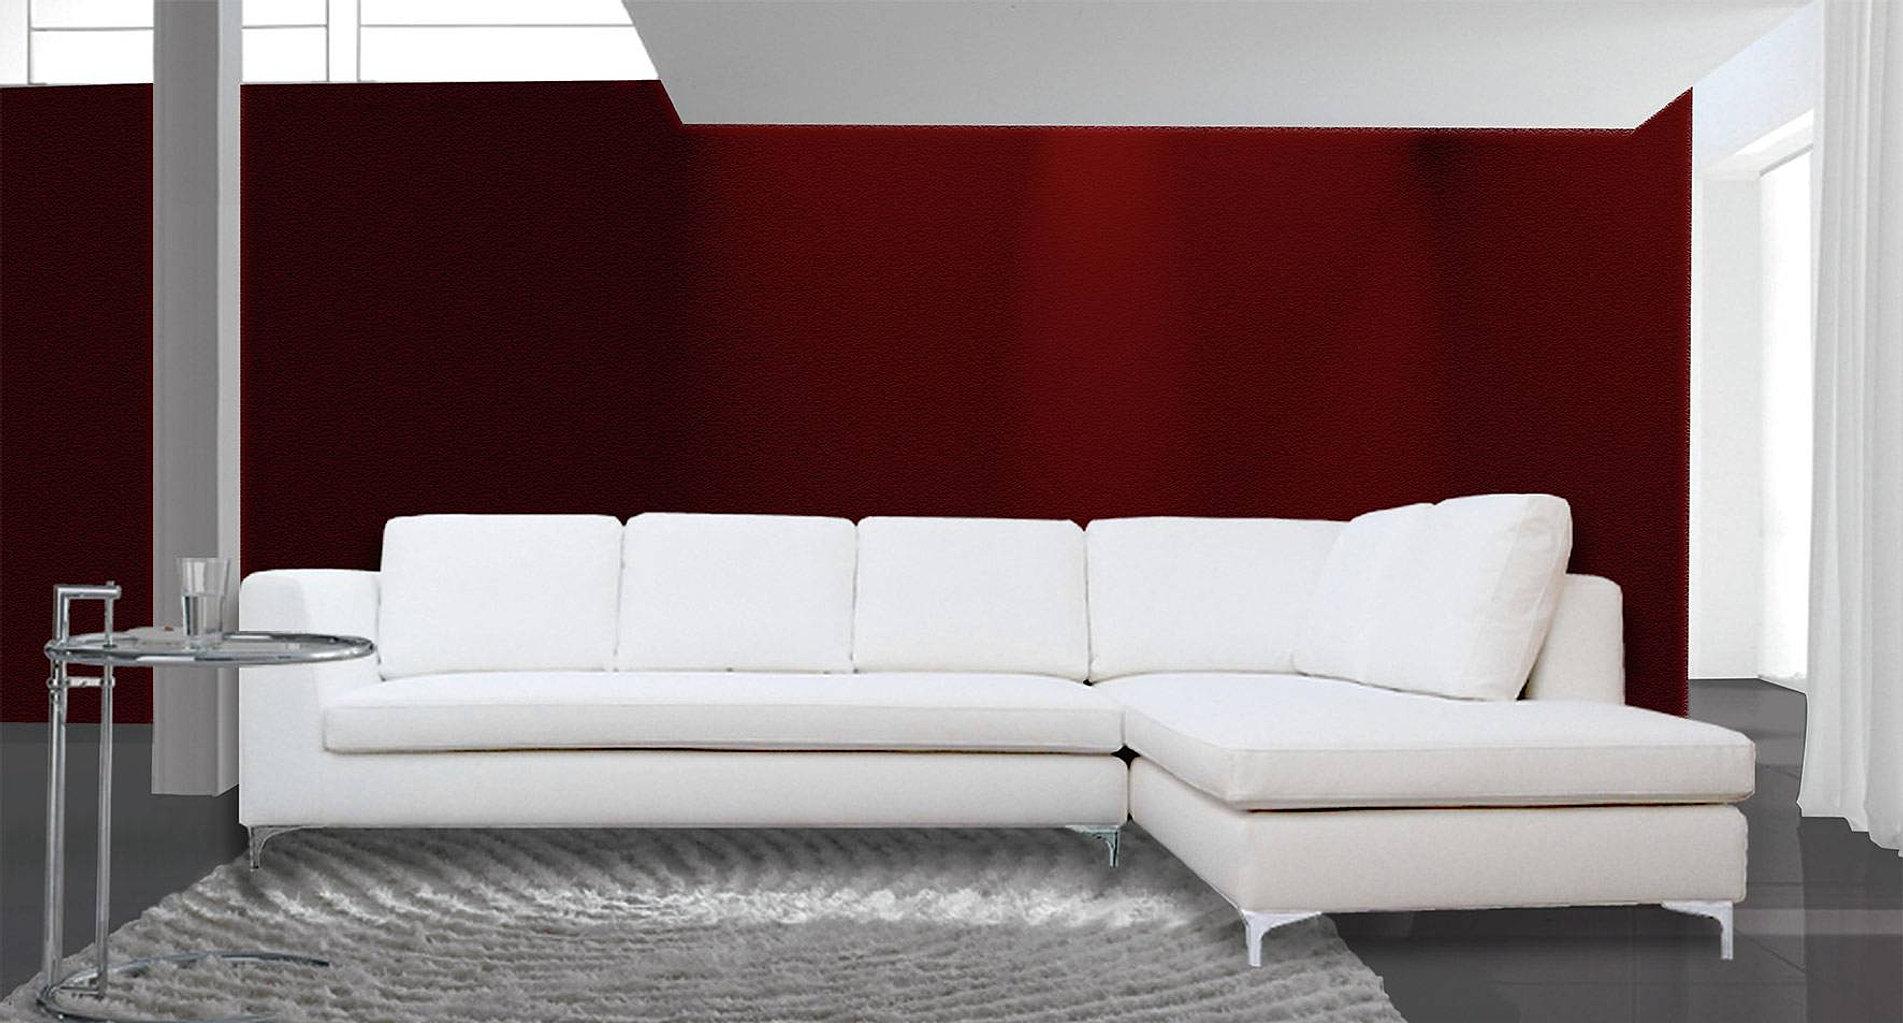 Movistar divano luna - Facciamo saltare i bulloni a questo divano ...